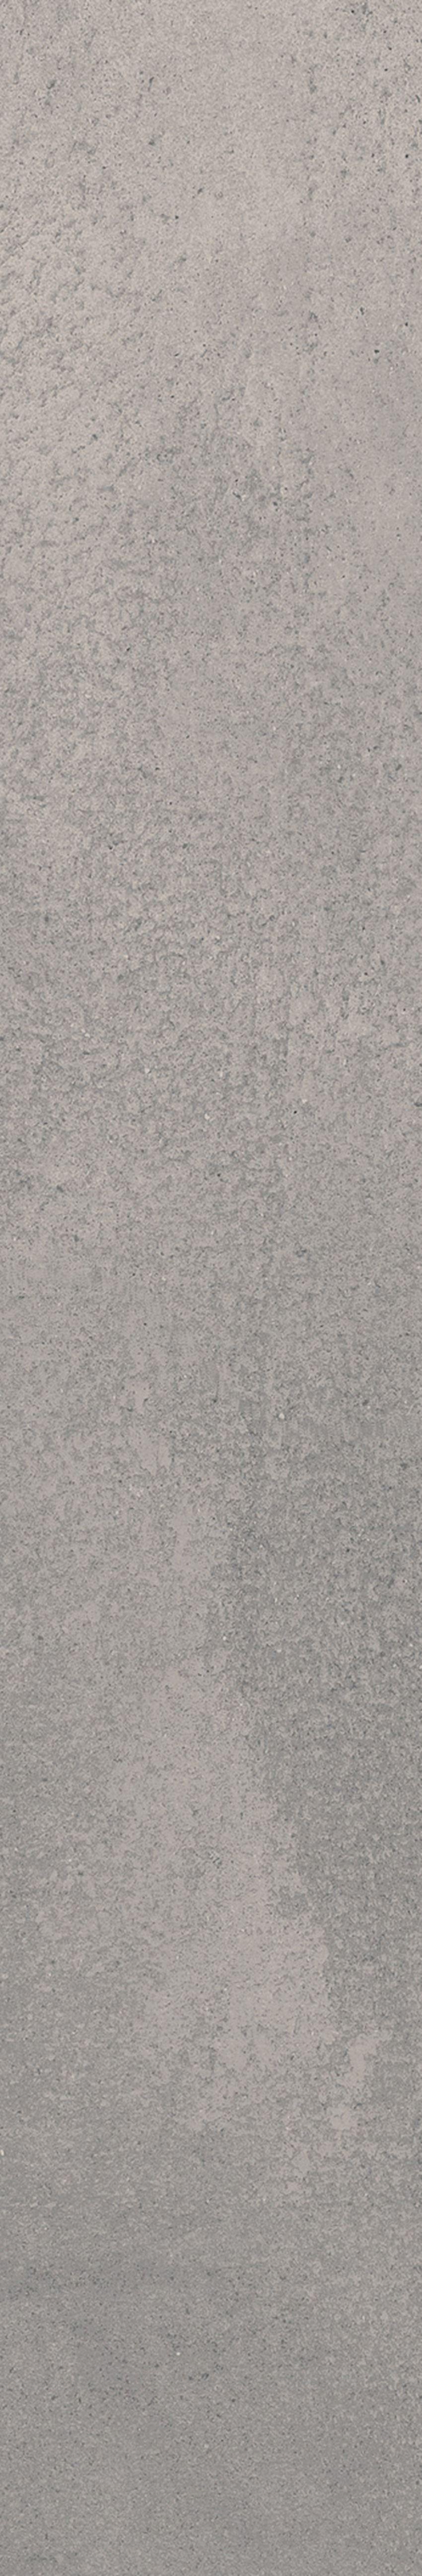 Płytka cokołowa 9,8x59,8 cm Paradyż Space Grafit Cokół Poler